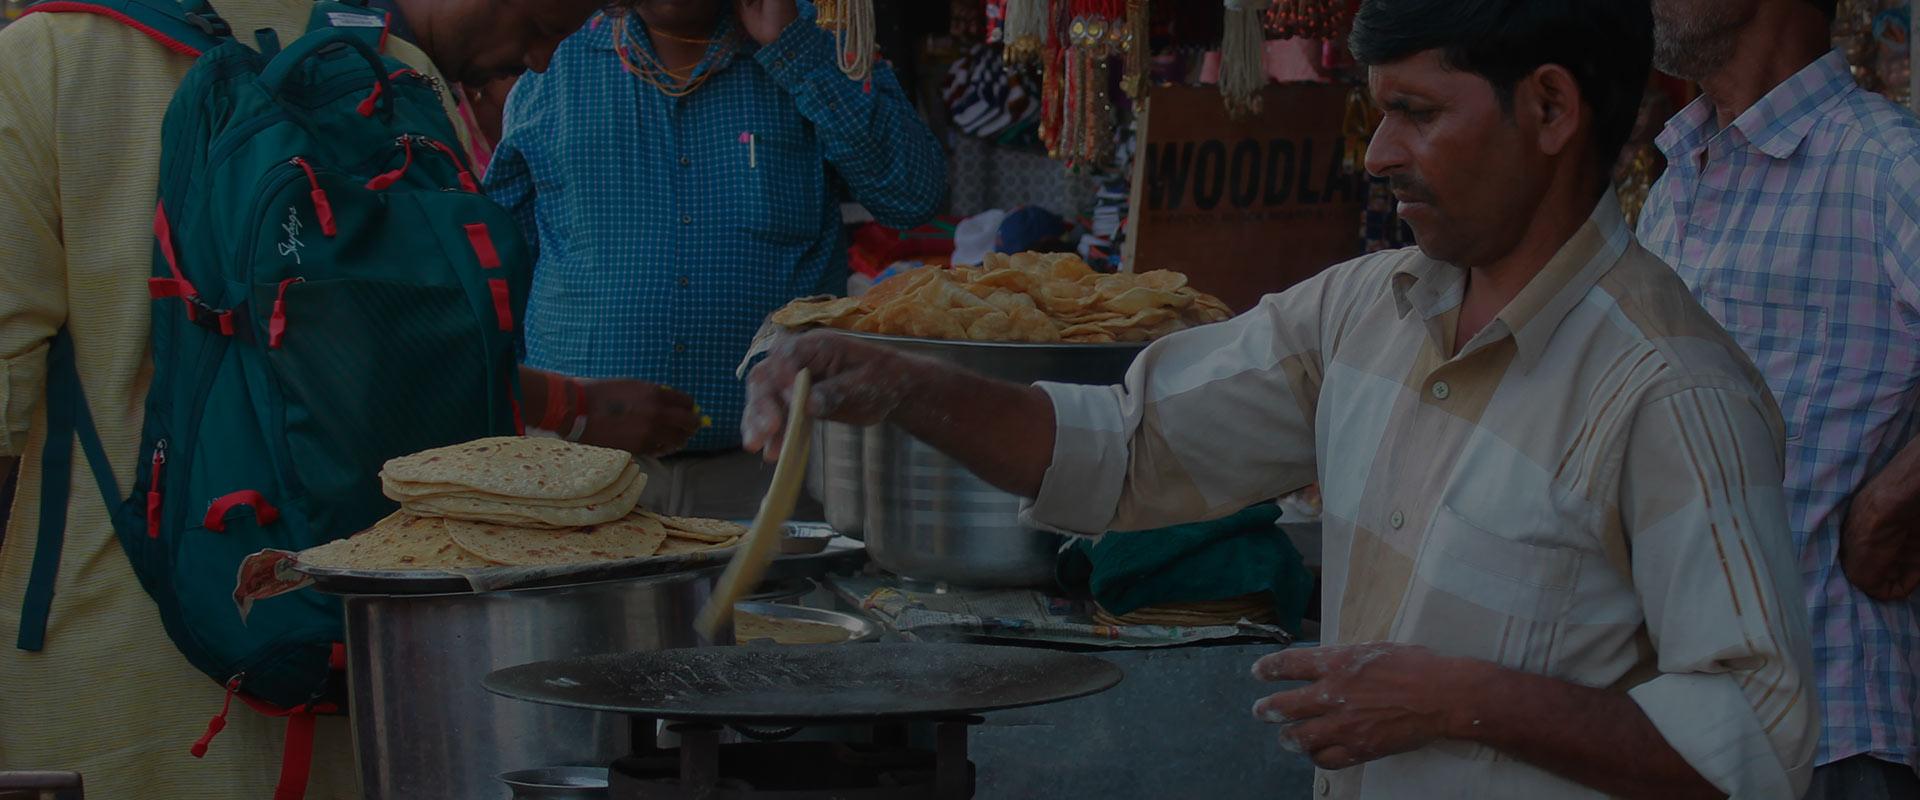 Street Food Experience - Indoverse, Varanasi